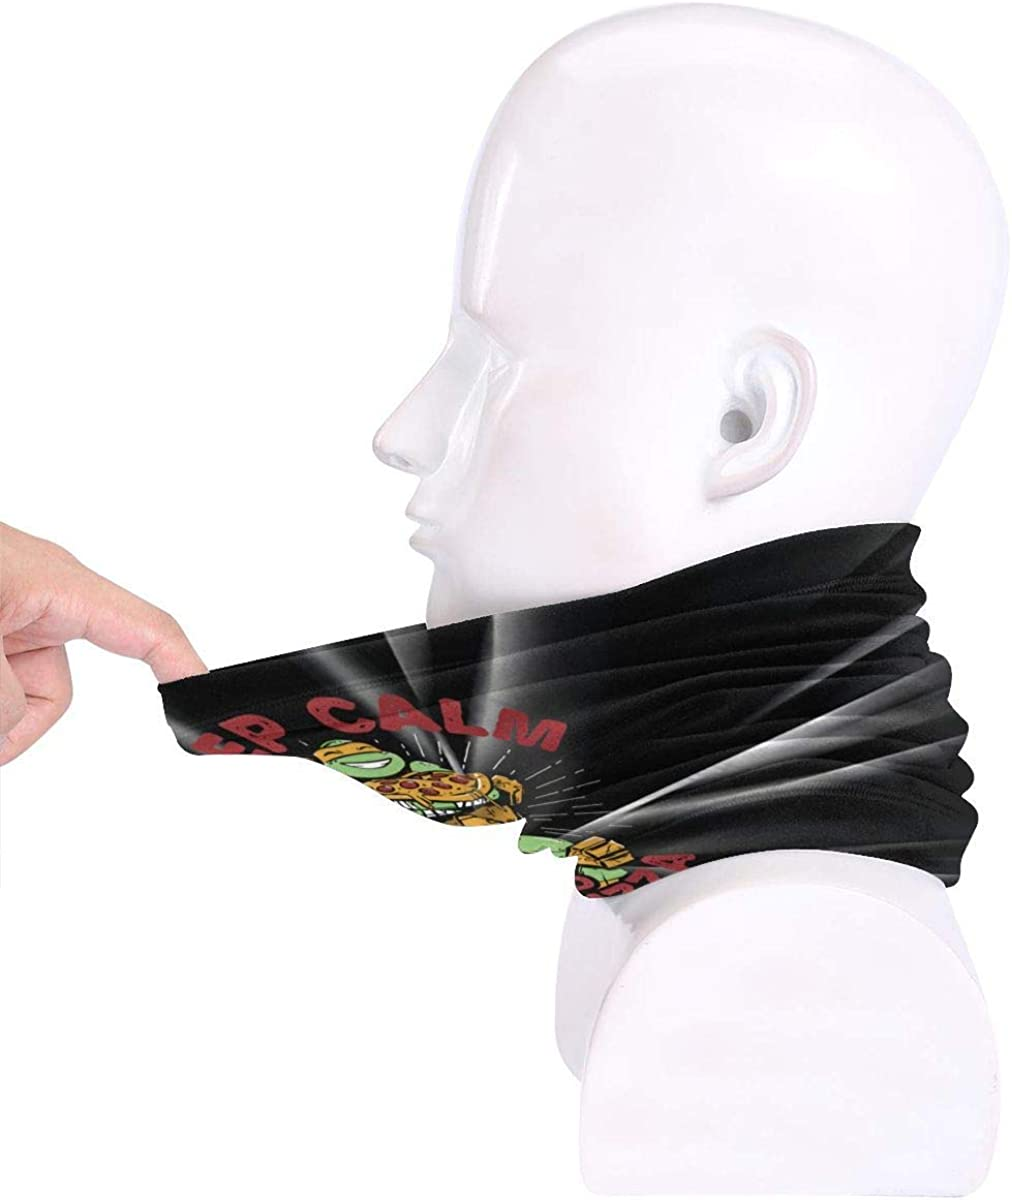 Hdadwy Les hommes gardent le calme manger Pizza couvre le visage /écharpe unisexe polyvalence r/éutilisable garder au chaud coupe-vent cache-cou